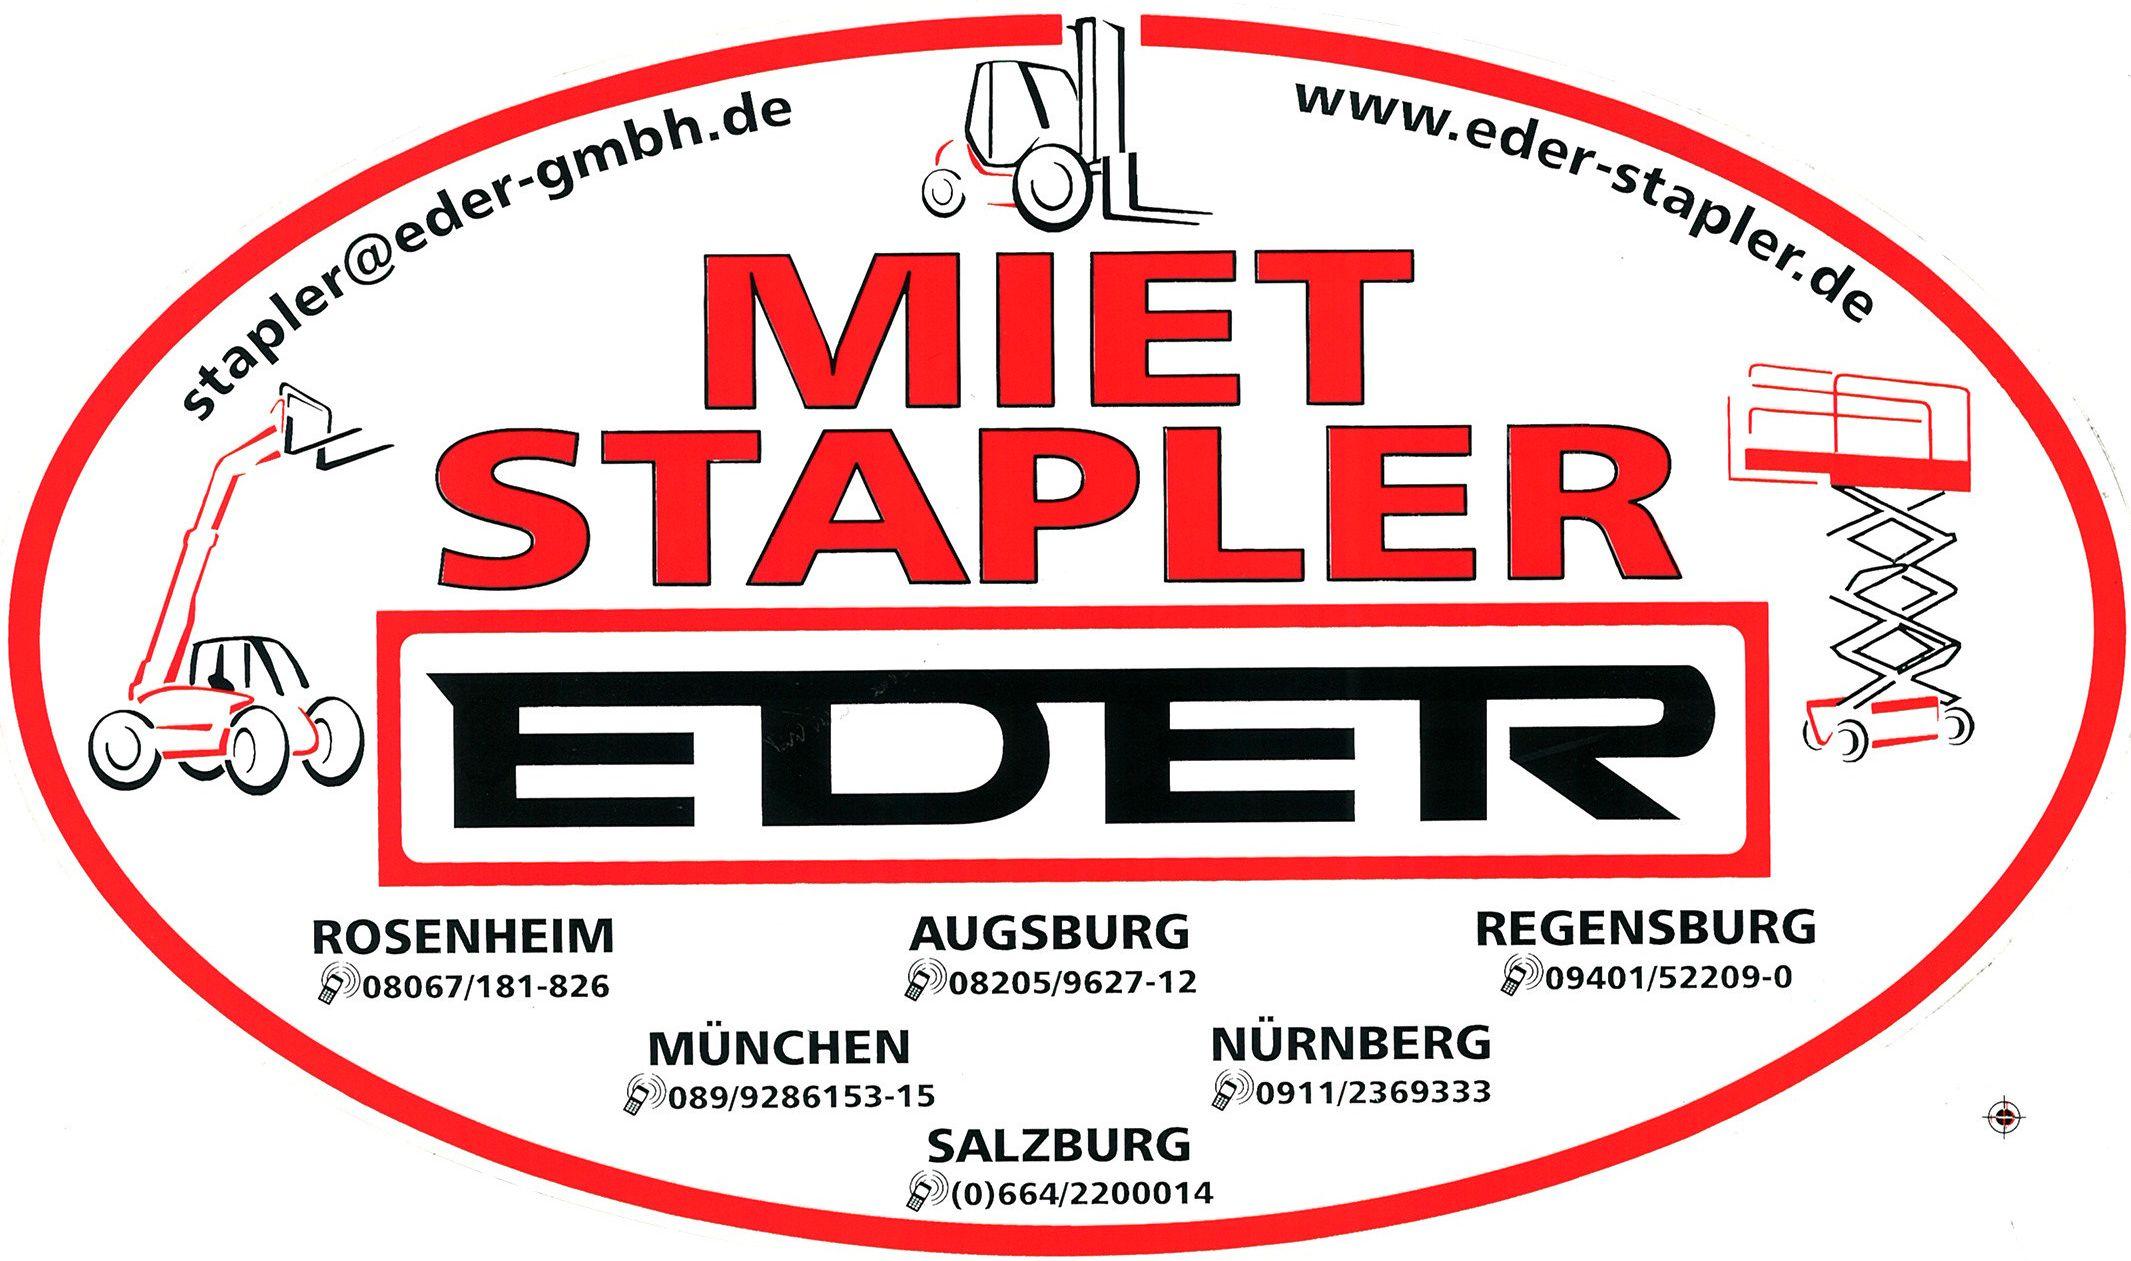 Gemeinsame Eder GmbH - Tuntenhausen @TT_33